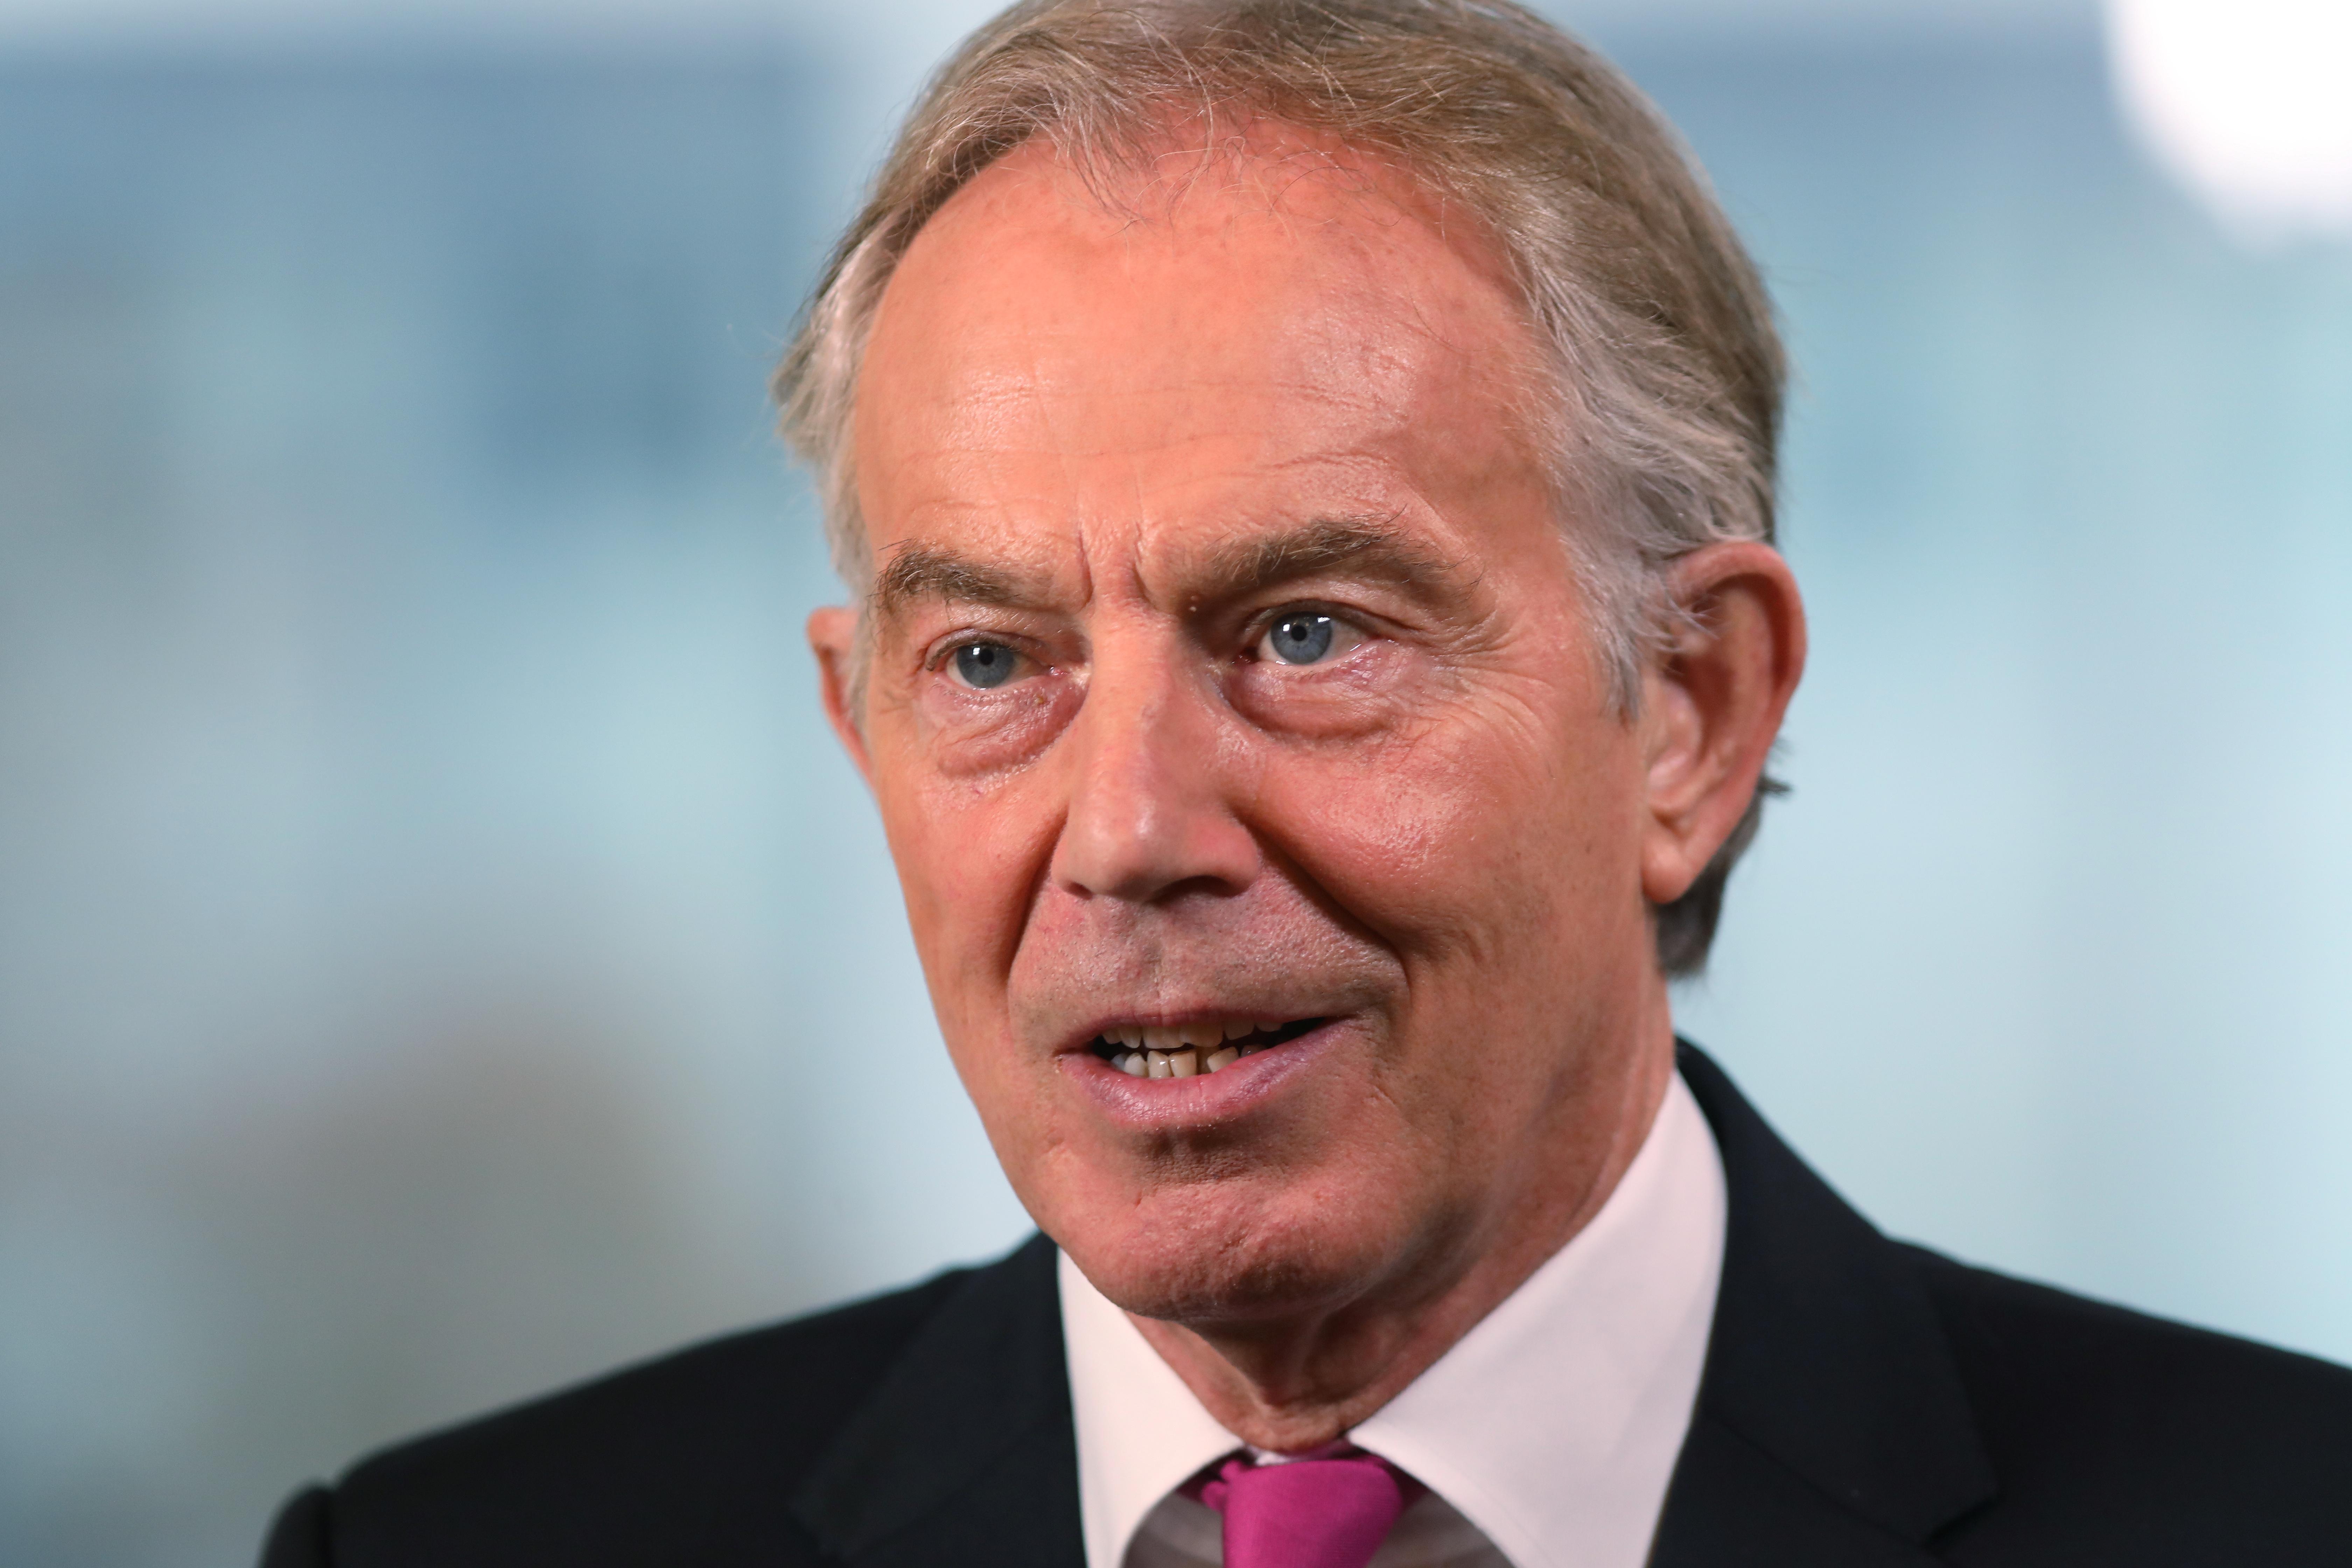 Tony Blair says world's media lacks objectivity